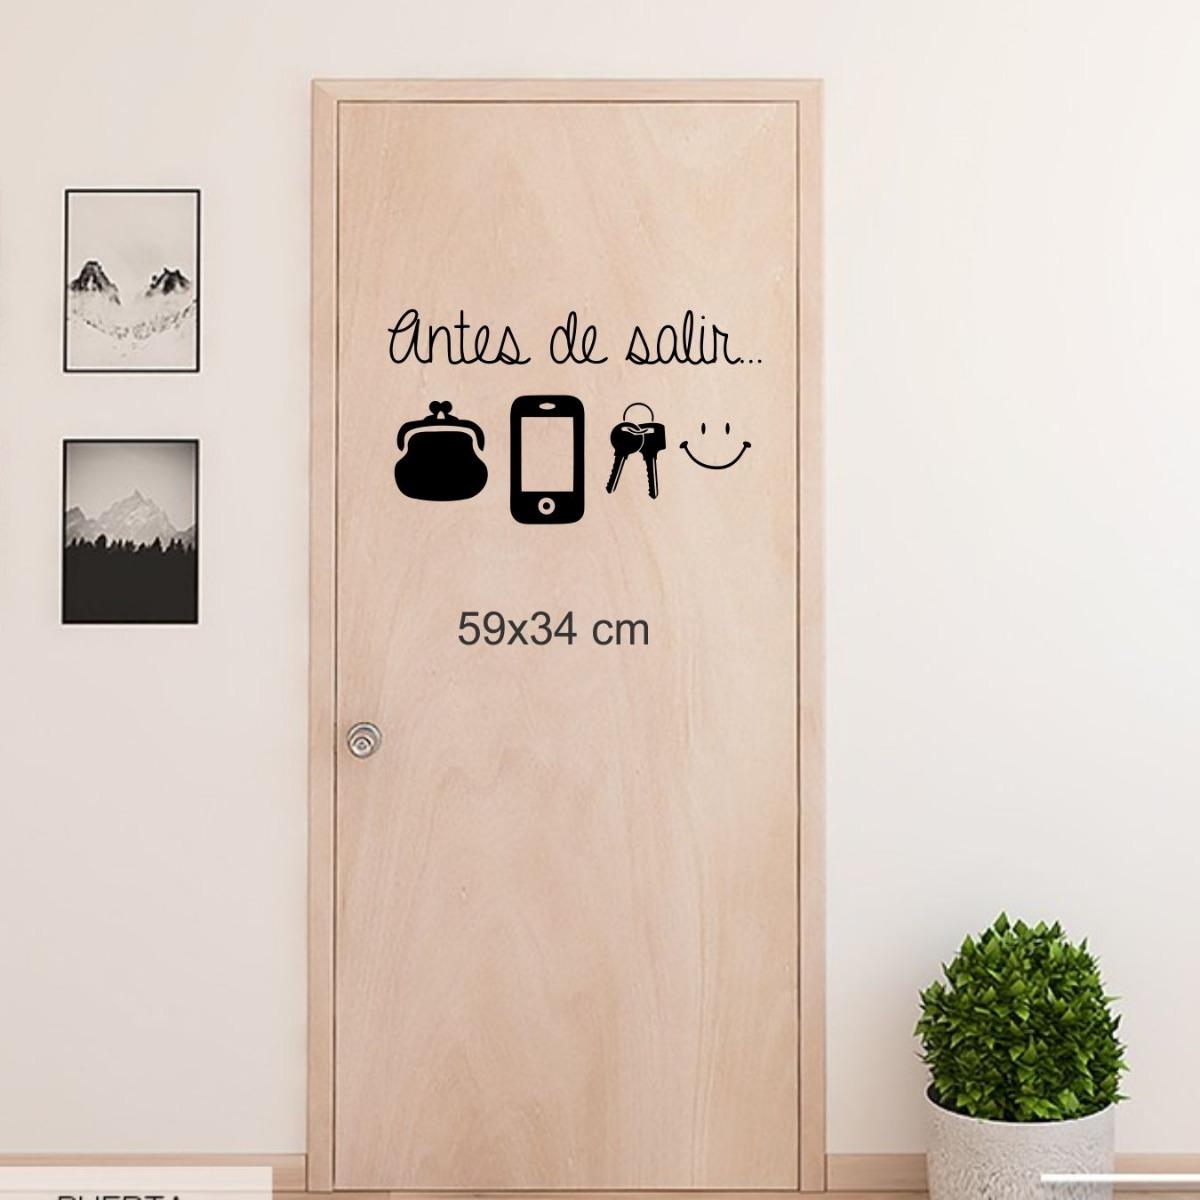 Vinilos Decorativos Frases Textos Para Puertas Pared Y Mas